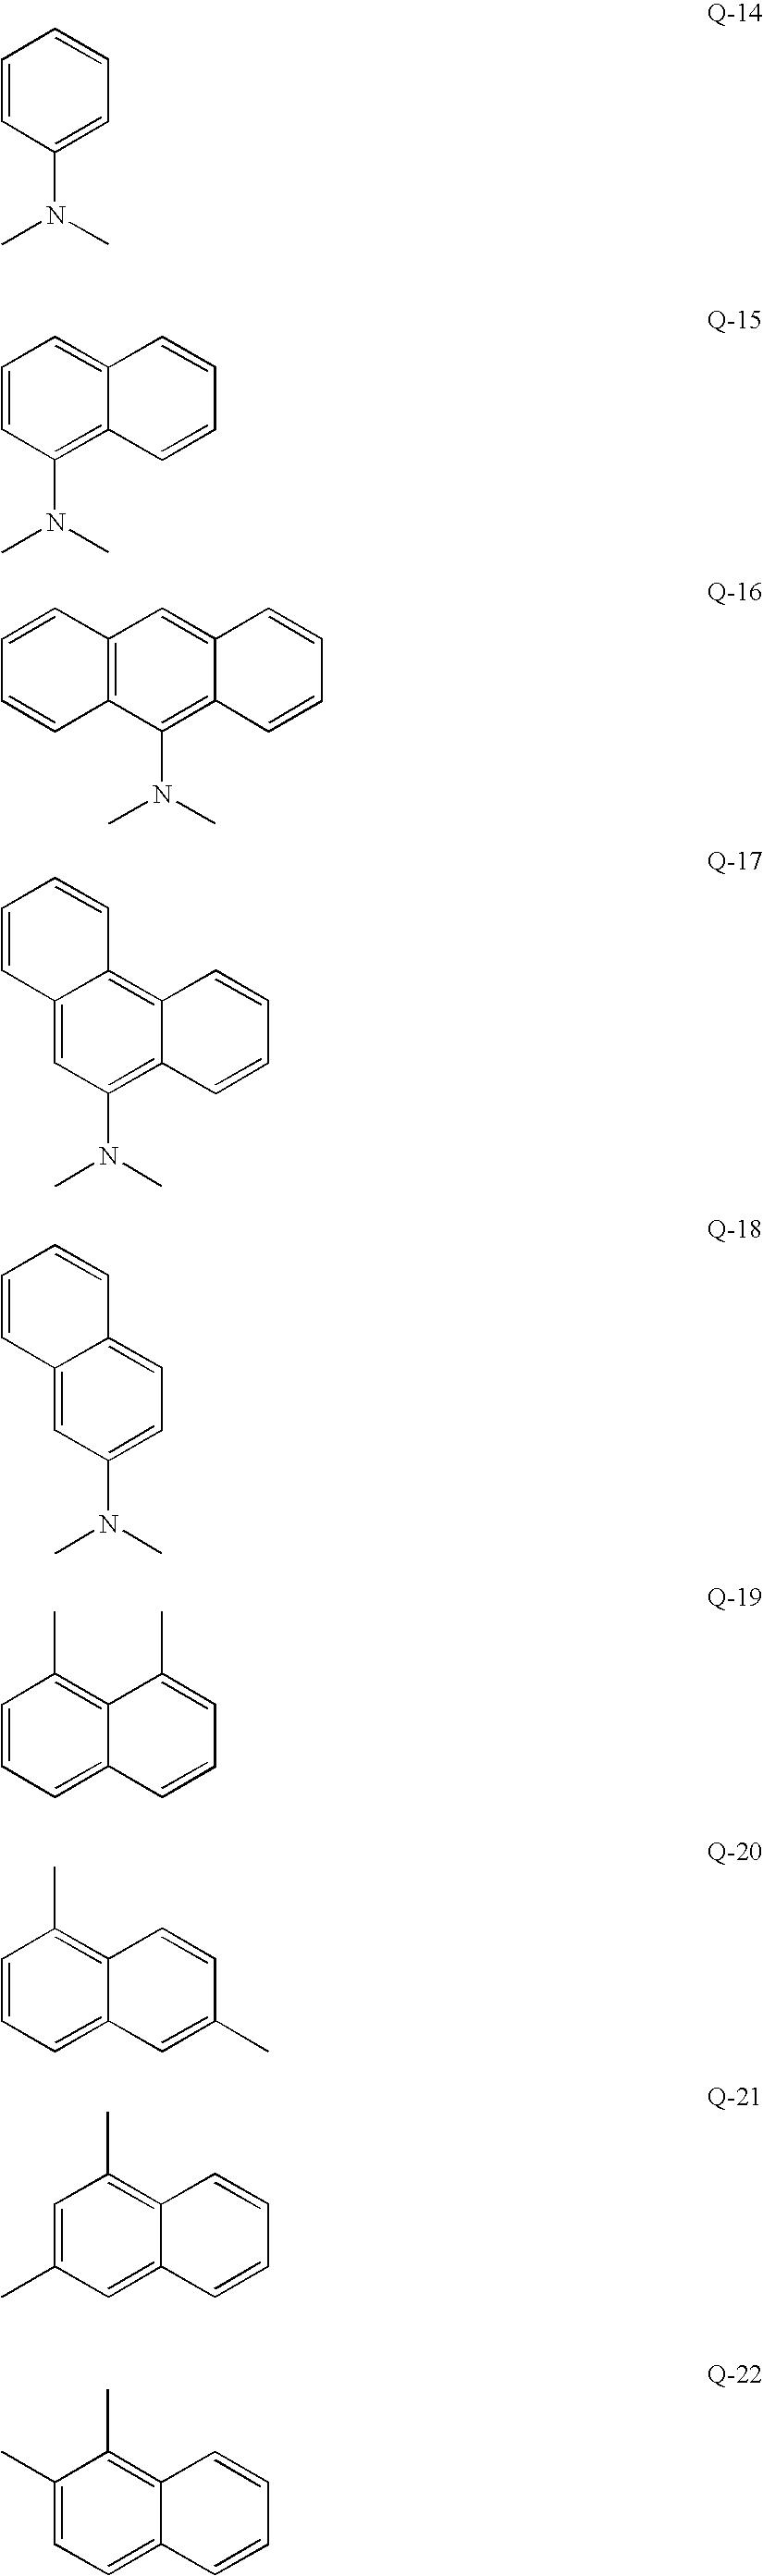 Figure US20060186796A1-20060824-C00014